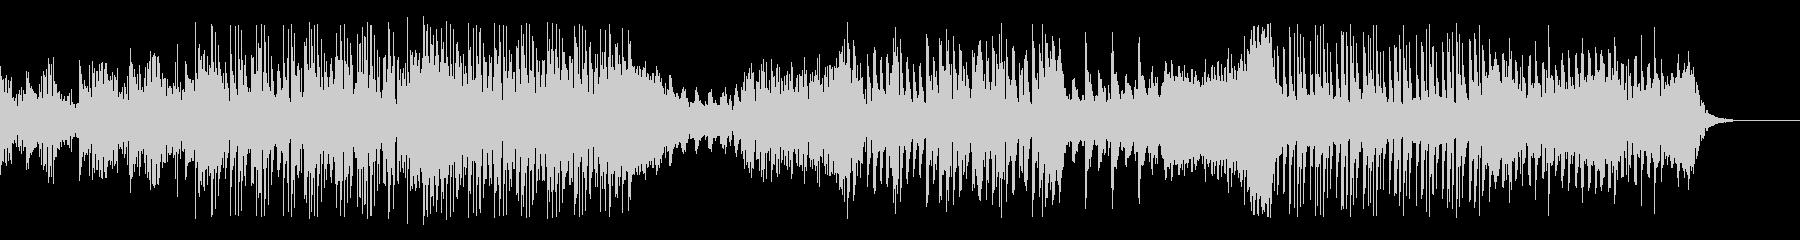 シンセ的ミニマルテクノBGMの未再生の波形